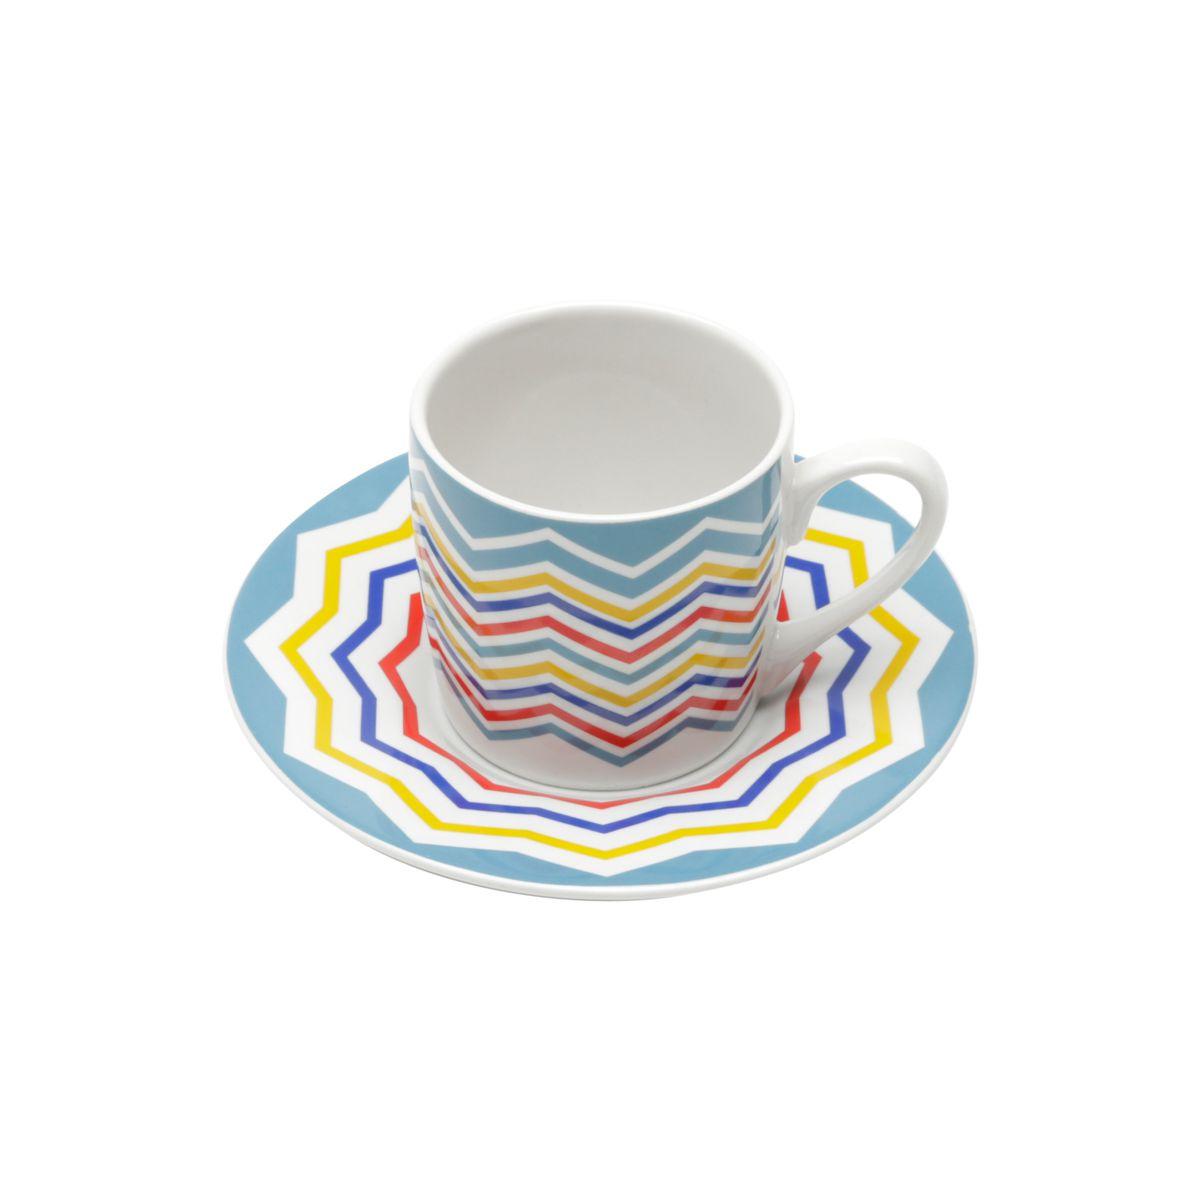 Jogo 6 xícaras 90ml para café de porcelana com pires Abstract Bon Gourmet - 17333